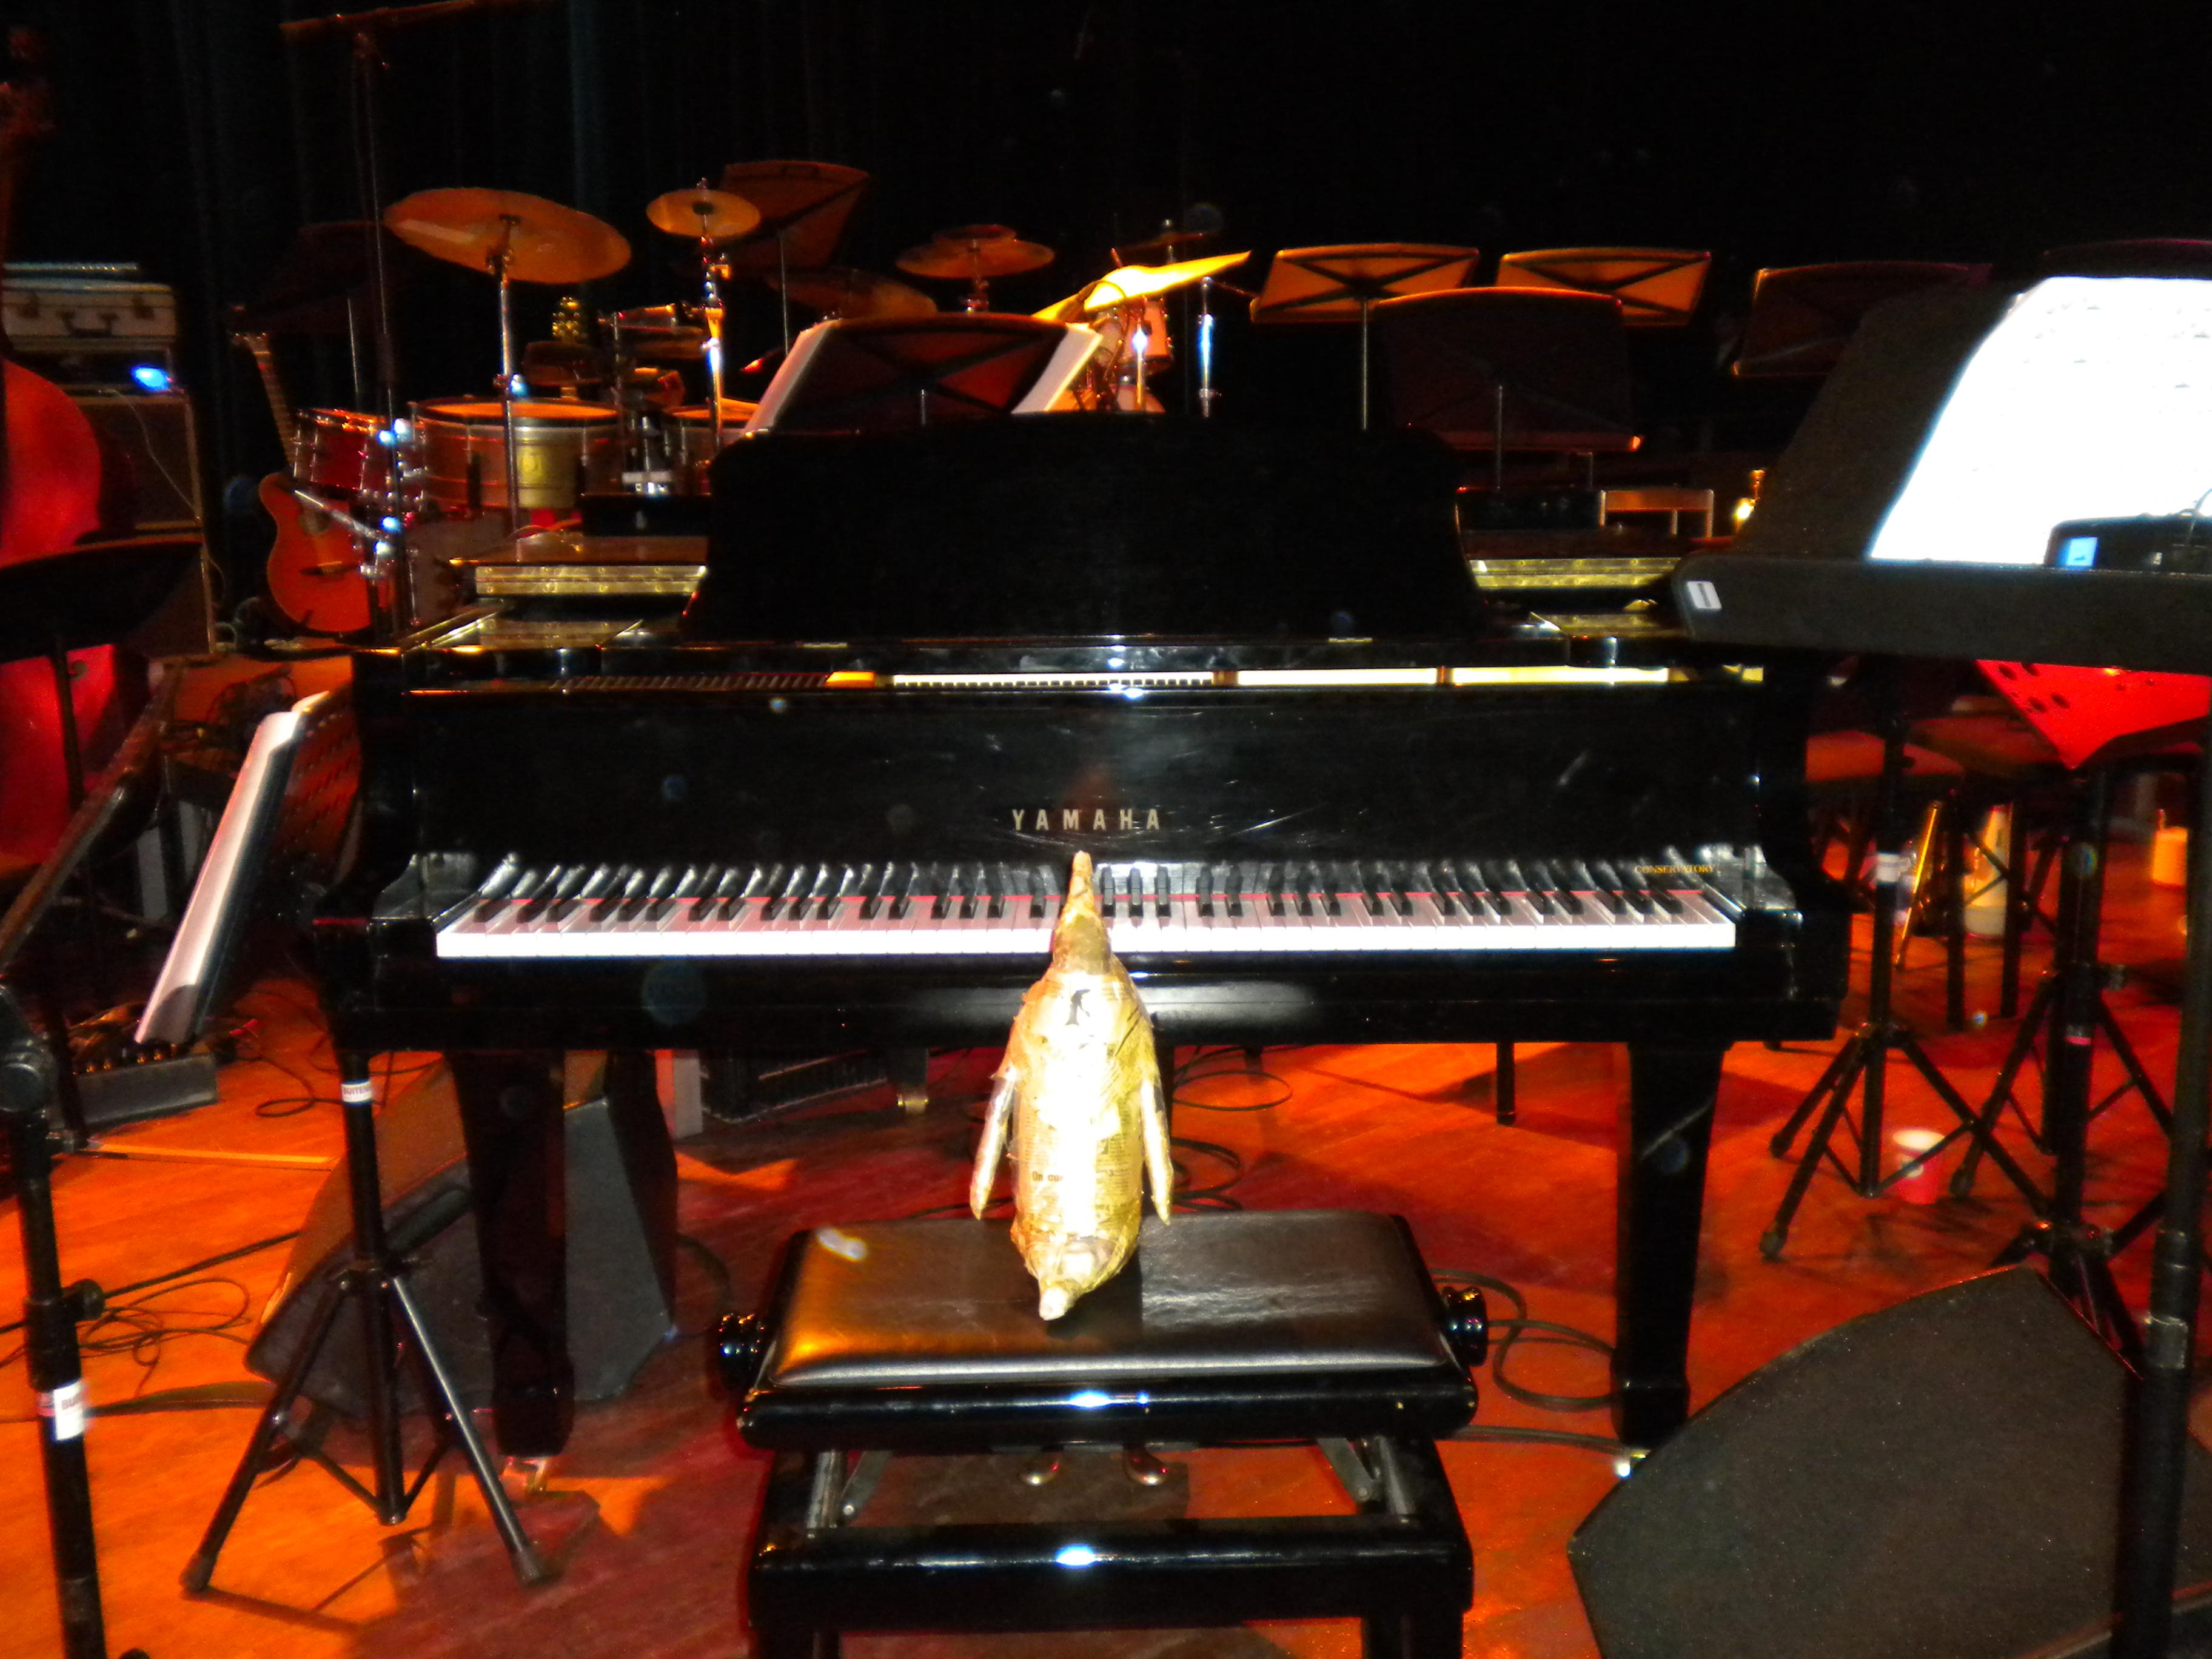 20110925 4 piano.JPG